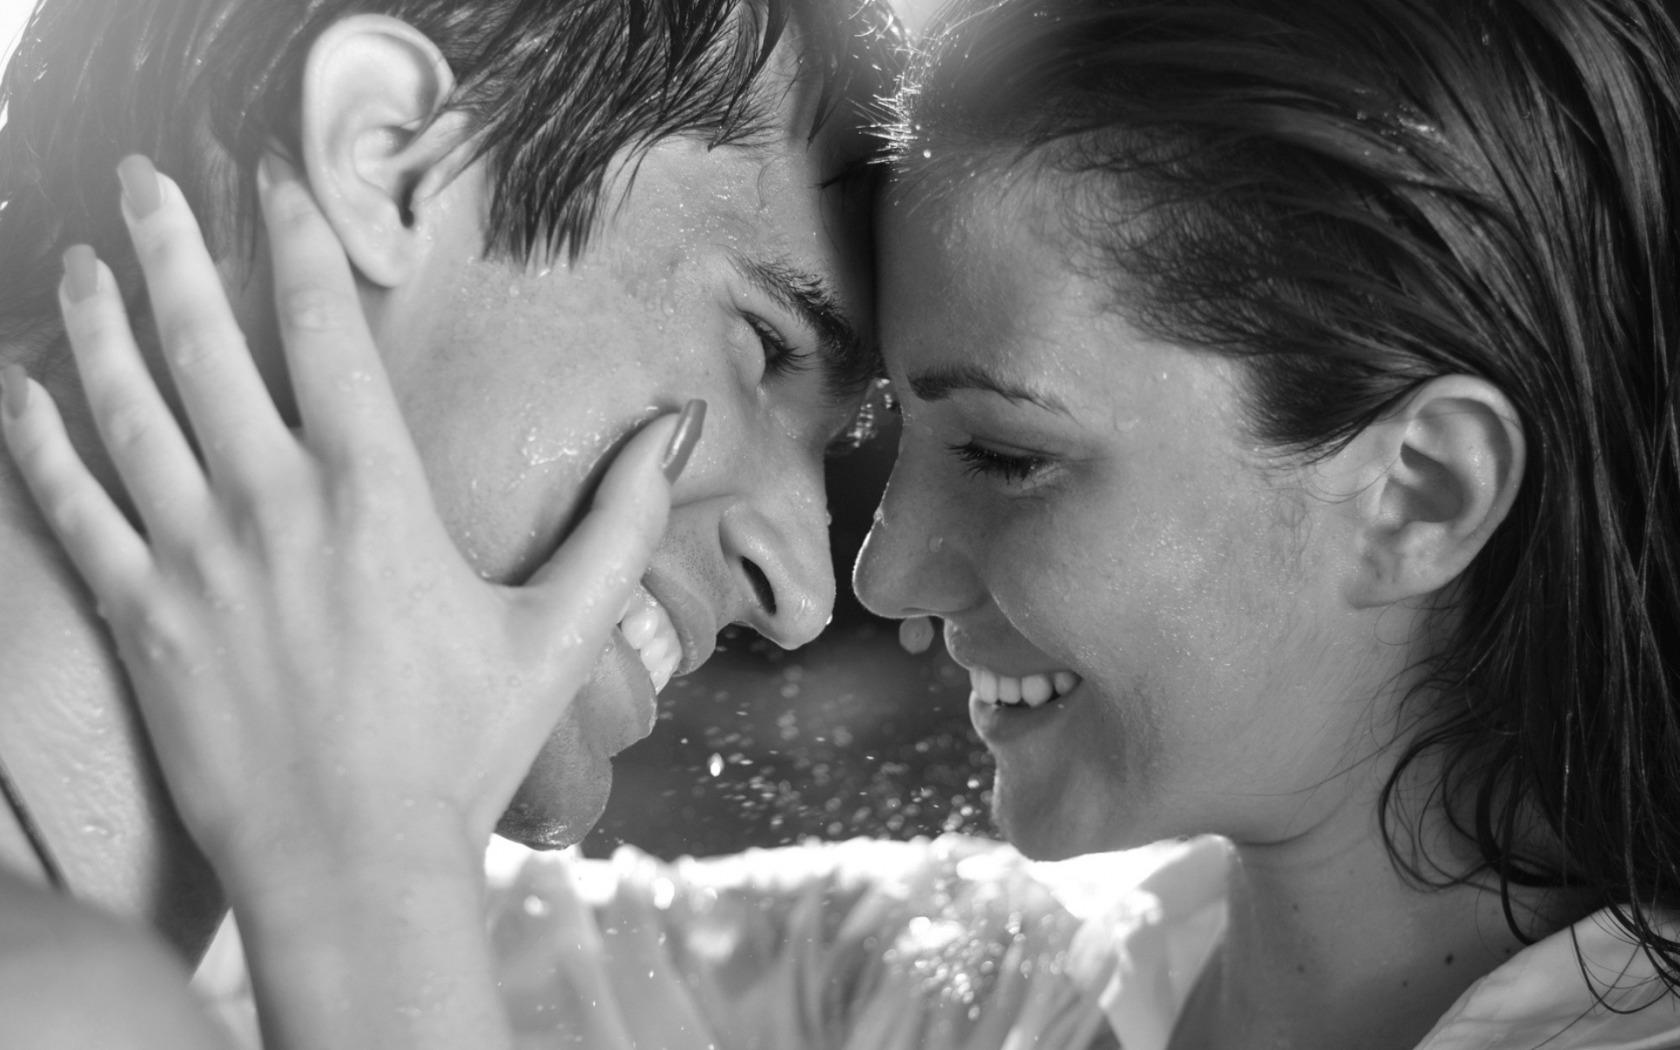 фото красивого поцелуя девушек нашем портале